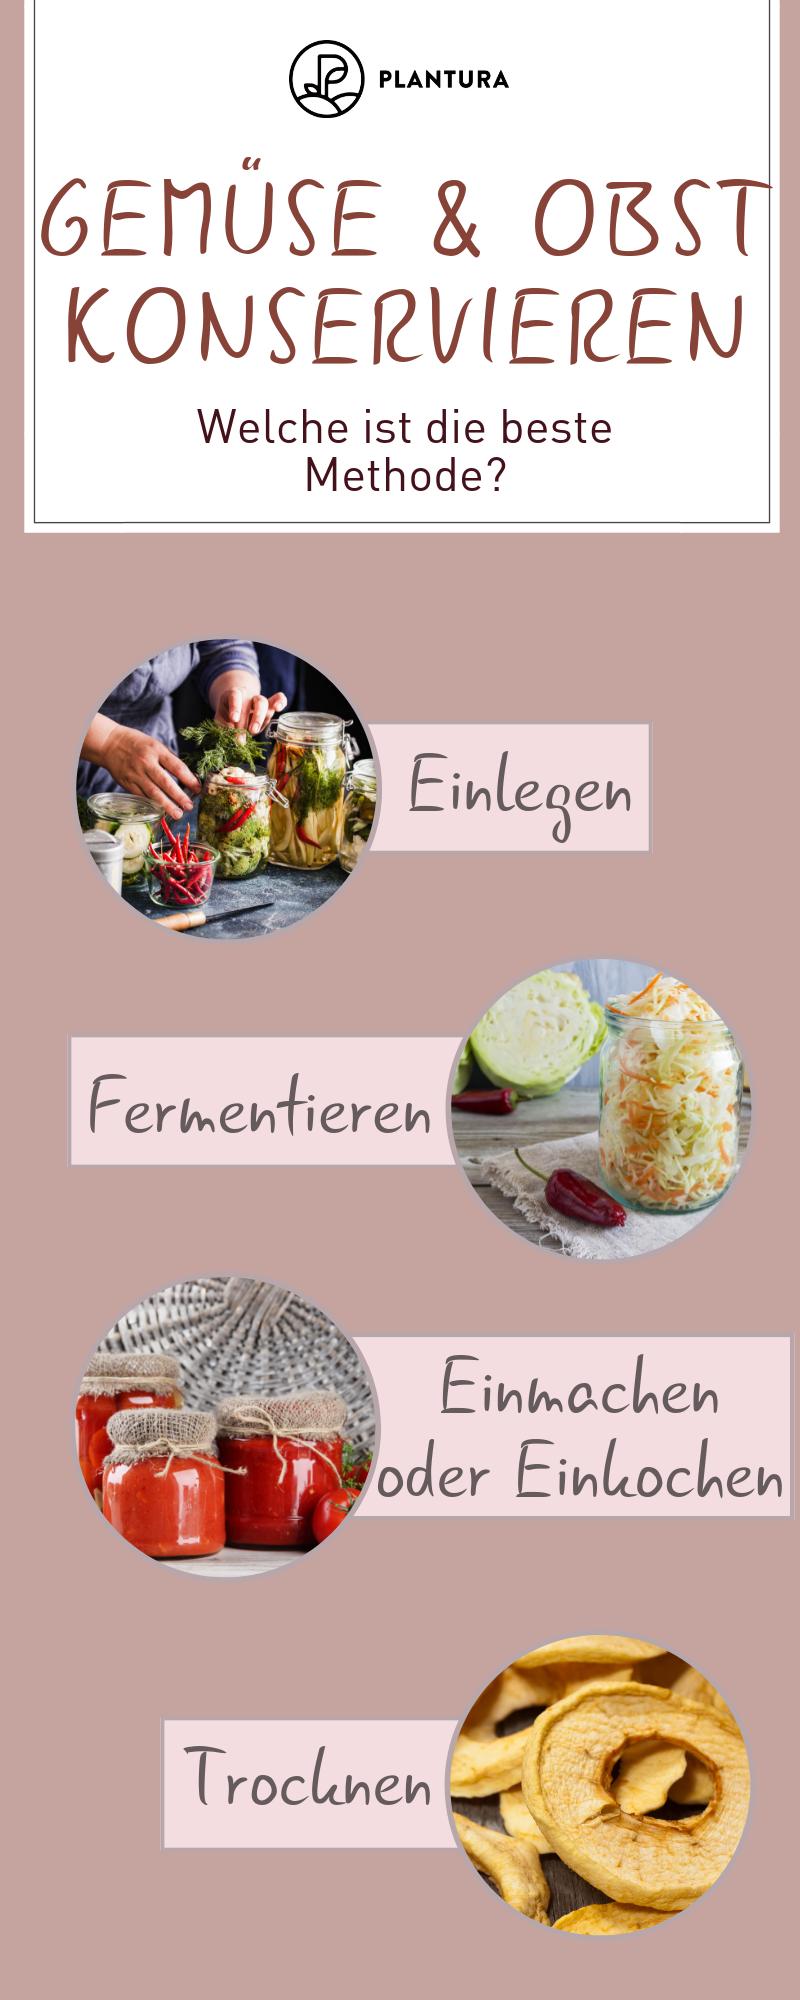 Gemüse und Obst konservieren: Einmachen, einfrieren ...